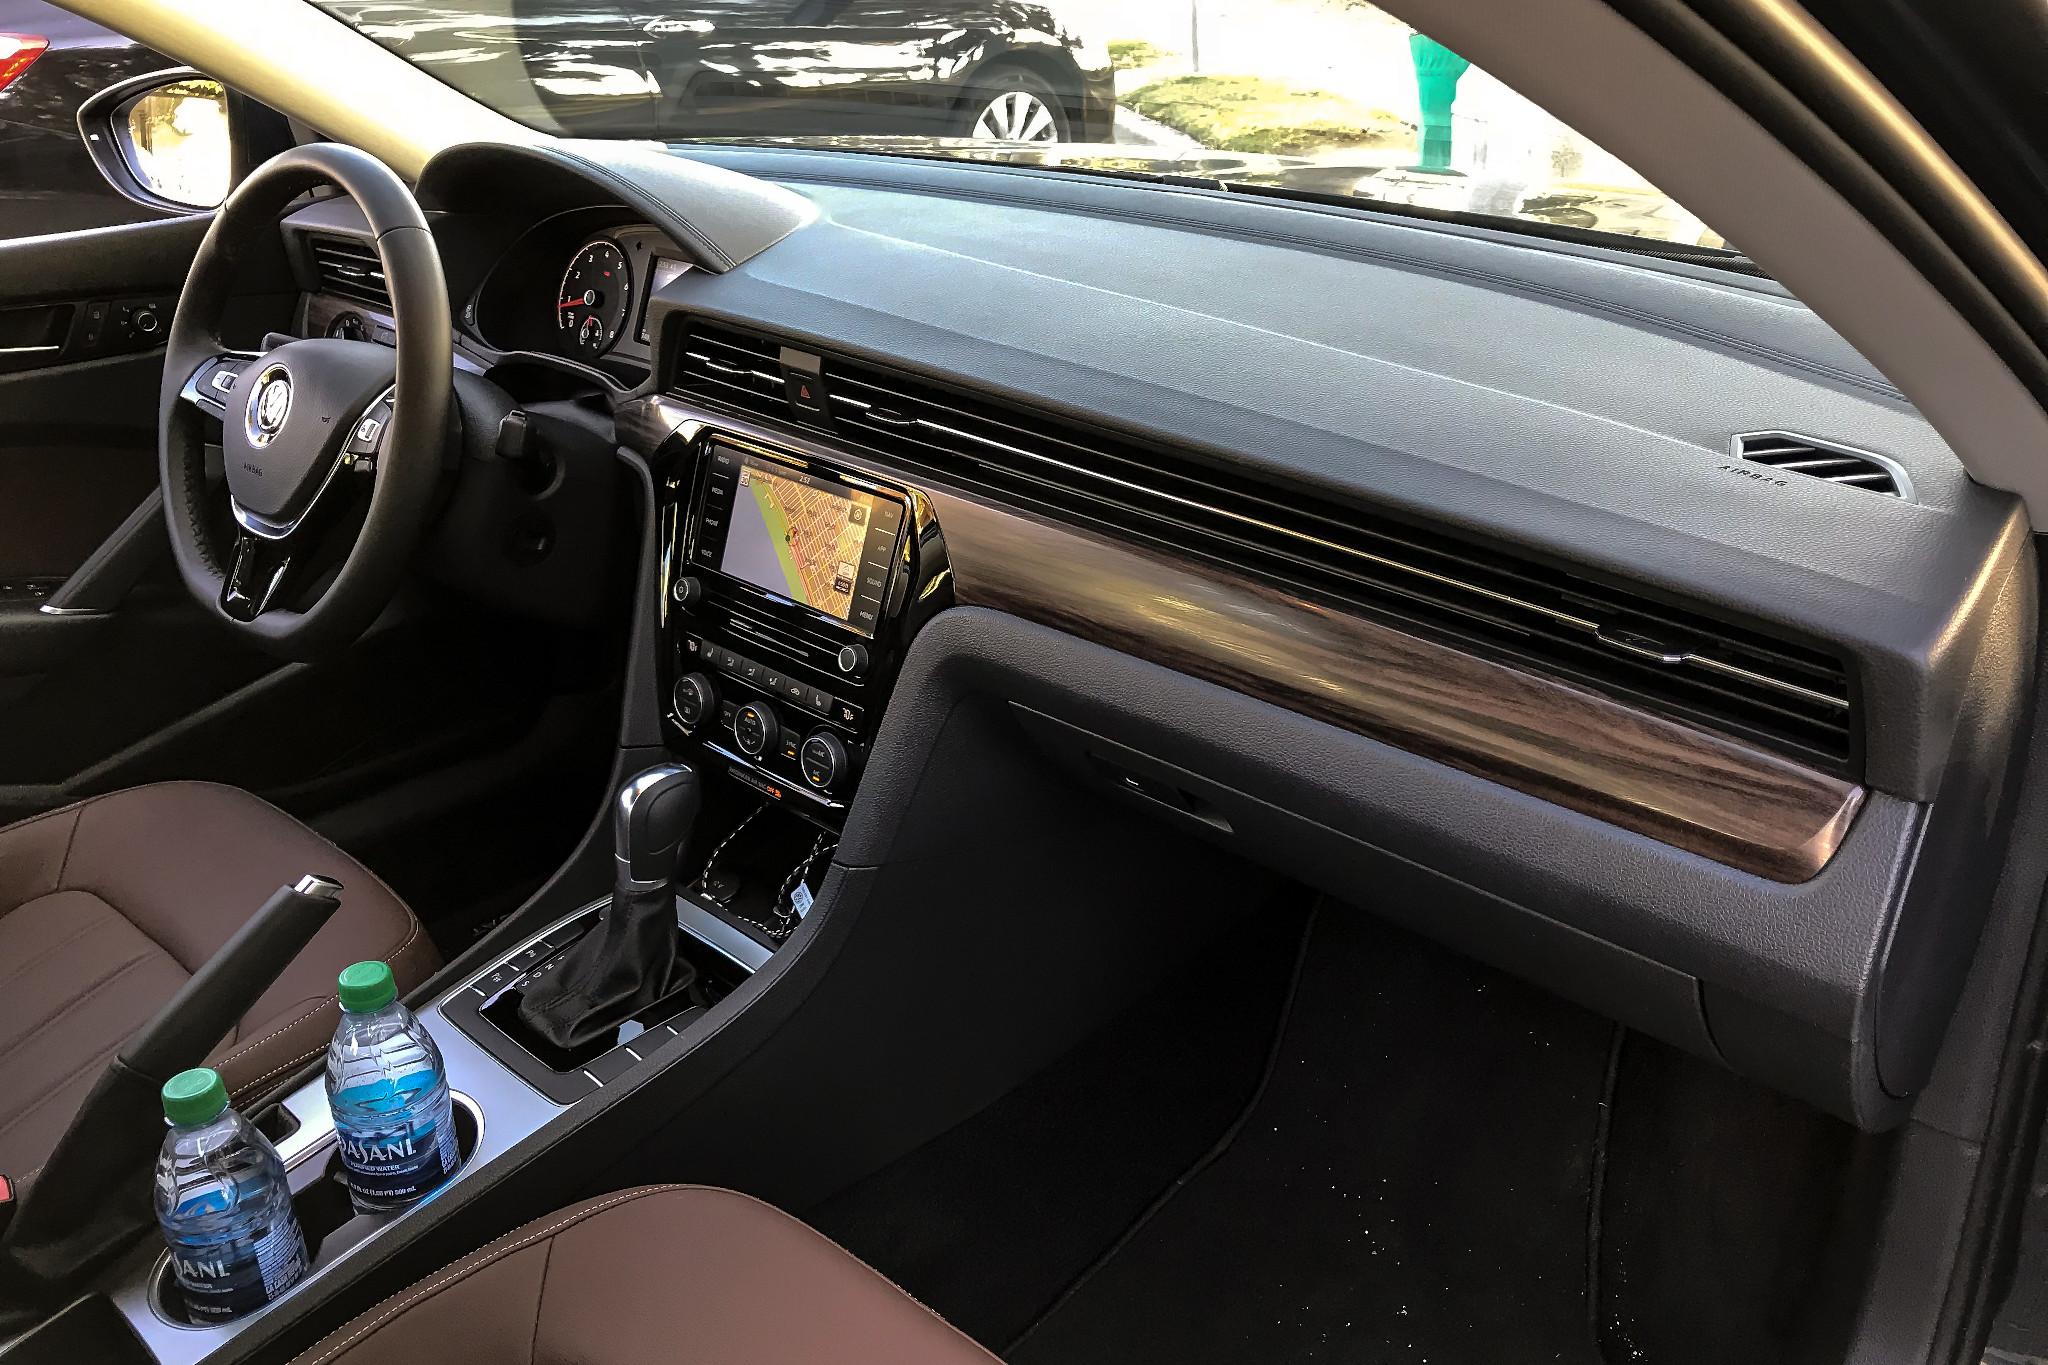 volkswagen-passat-2020-23-front-row--interior.jpg